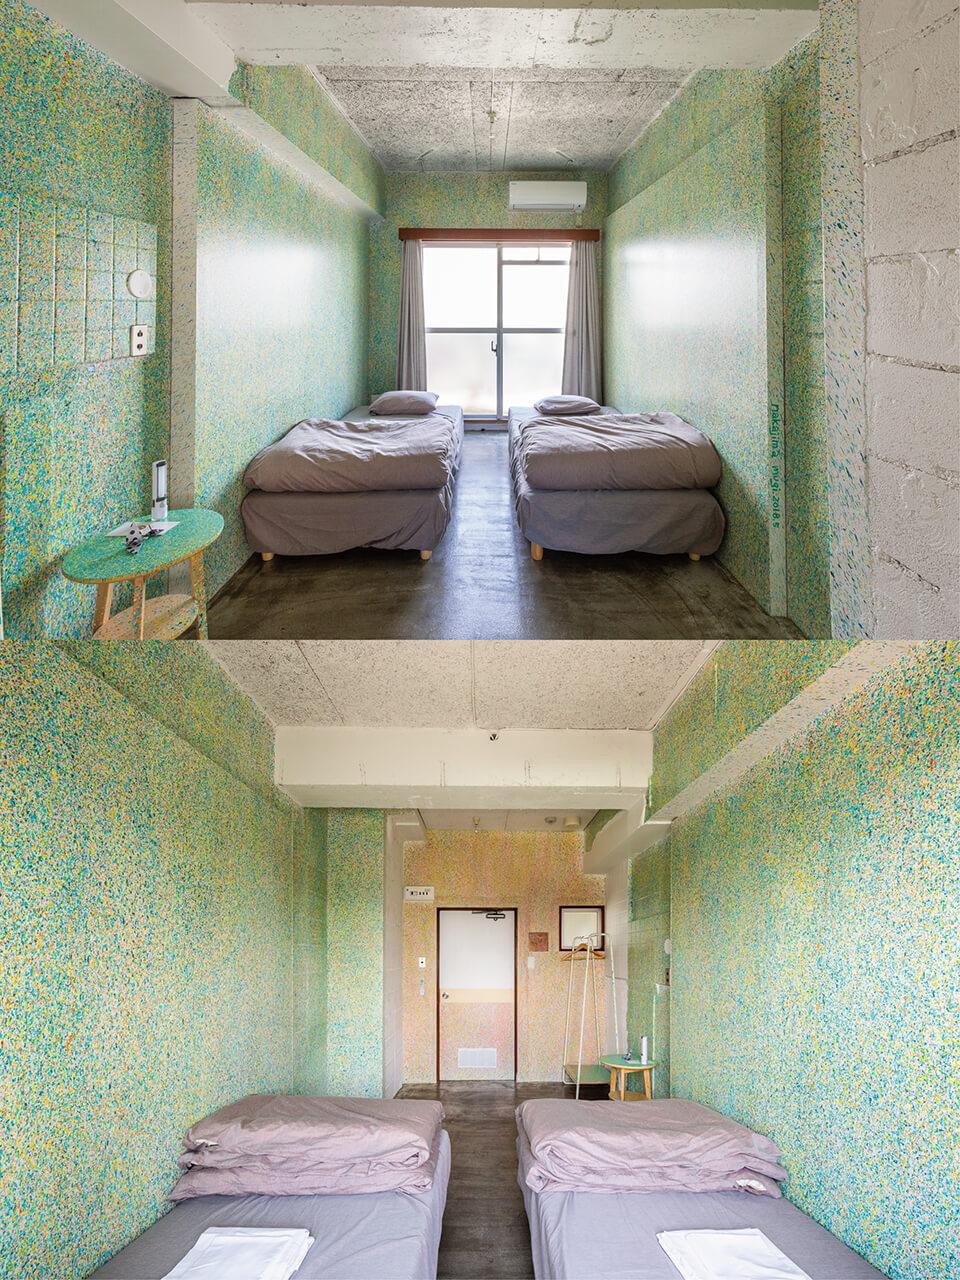 [ホテルアートルームプロジェクト]<br /> 「アウト プット アート プット」<br /> 2018<br /> ホテルの1室に全面的にペインティング/宿泊可能<br /> acrylic direct on wall<br /> SHIBAMATA FU-TEN Bed and Local/東京